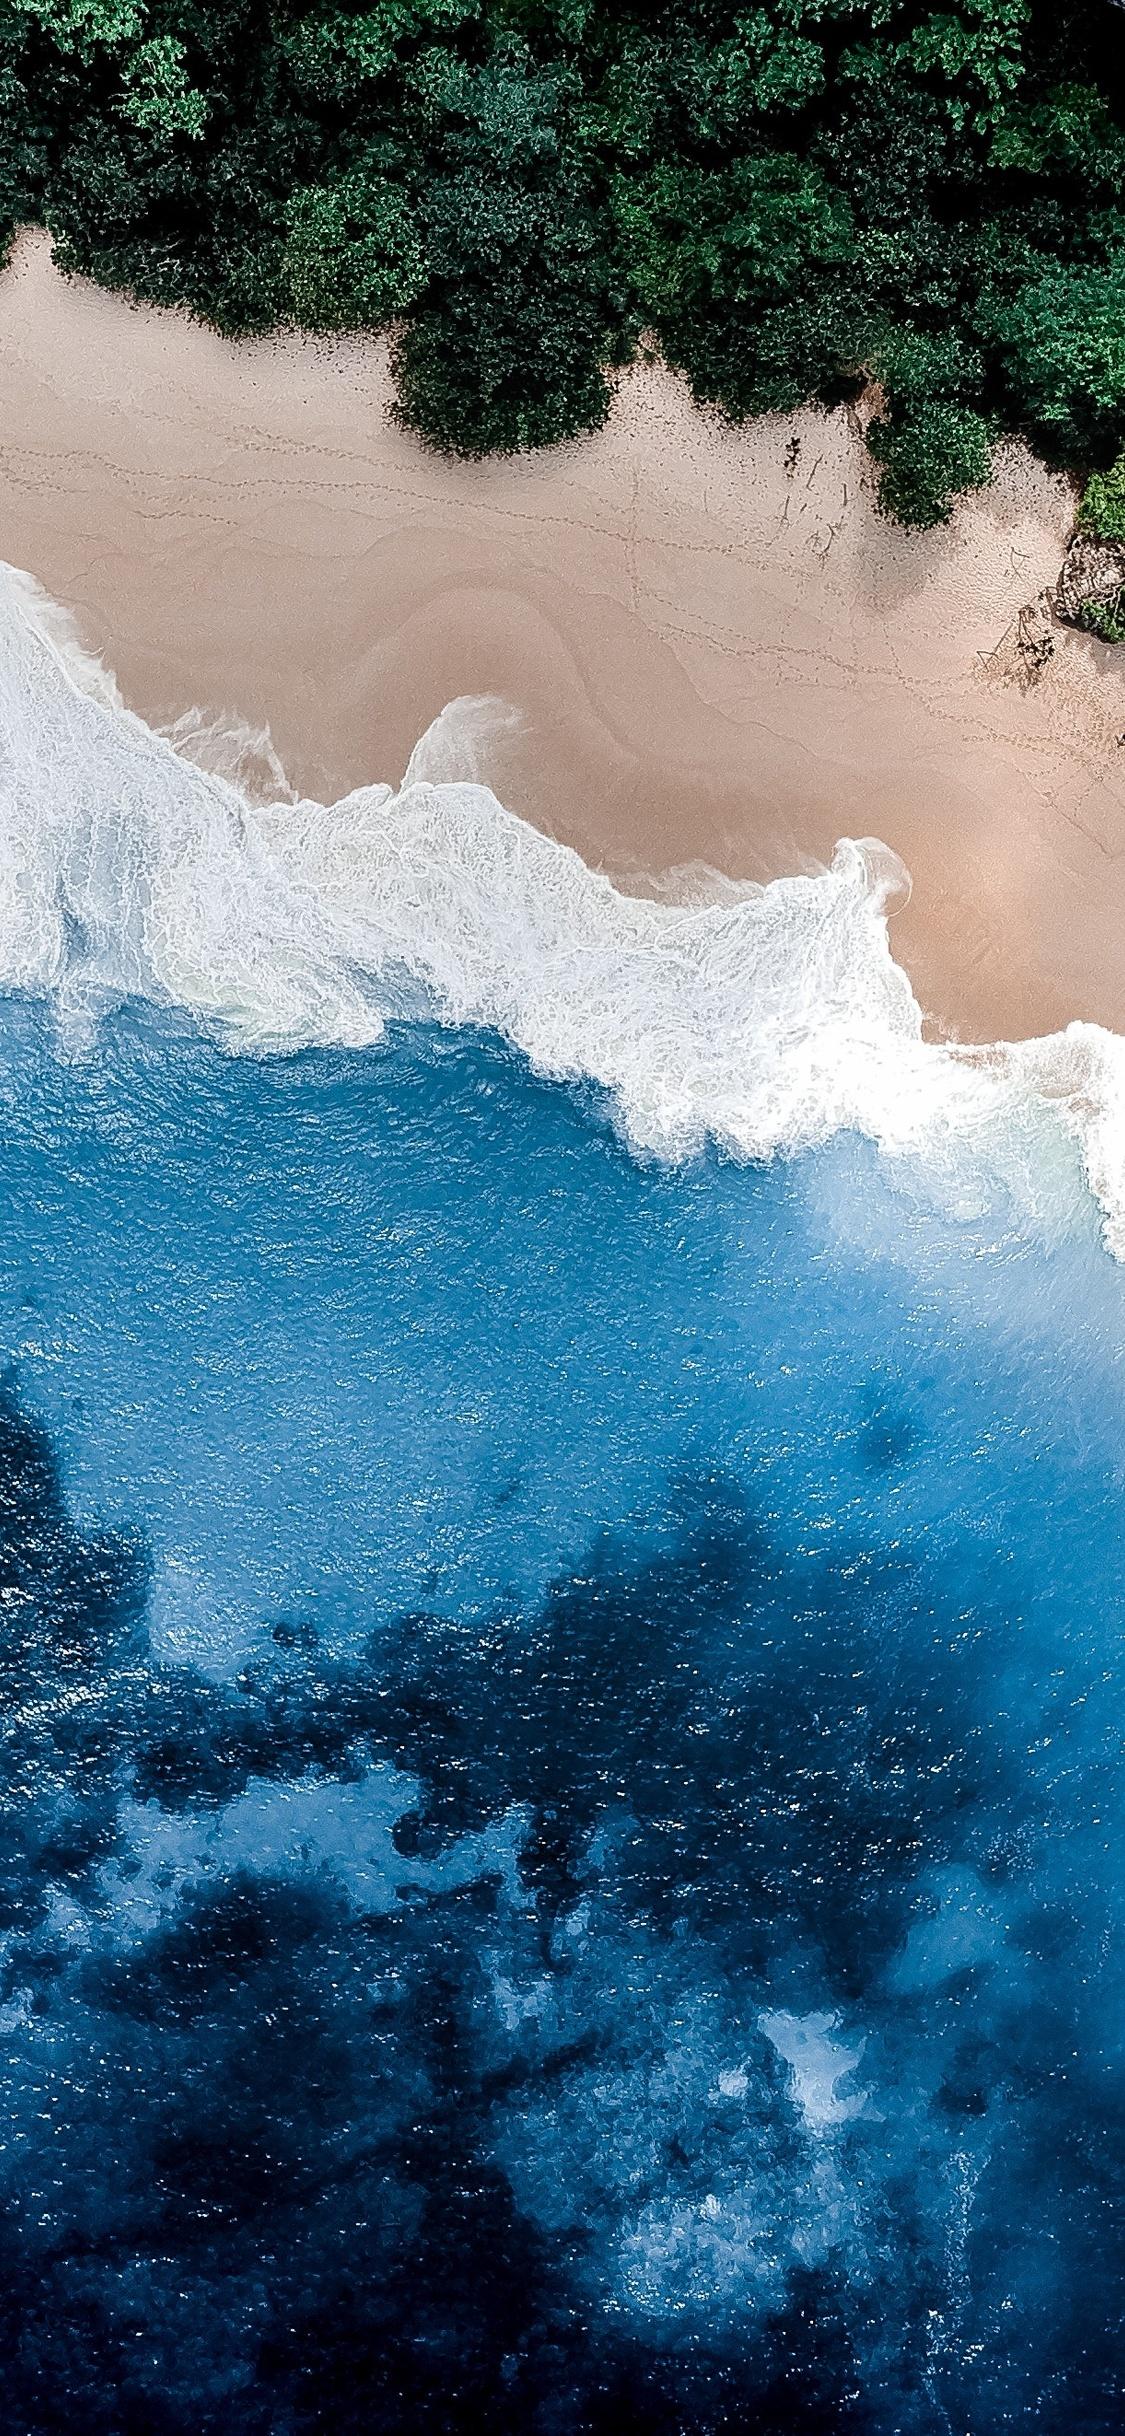 4k iphone x wallpaper beach